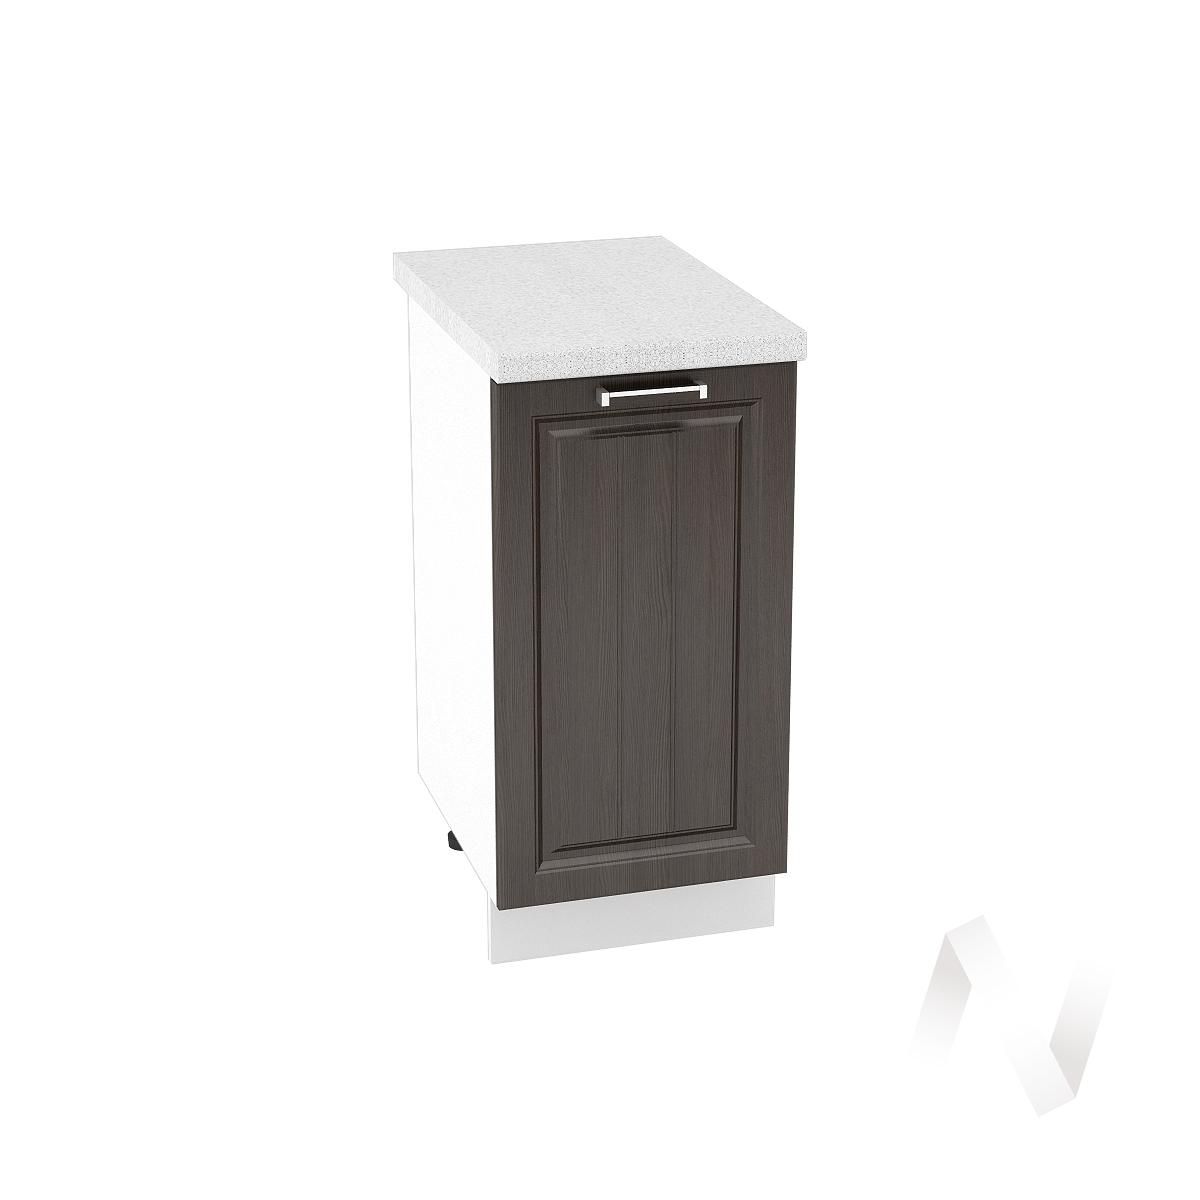 """Купить кухня """"прага"""": шкаф нижний 400, шн 400 (венге/корпус белый) в Новосибирске в интернет-магазине Мебель плюс Техника"""